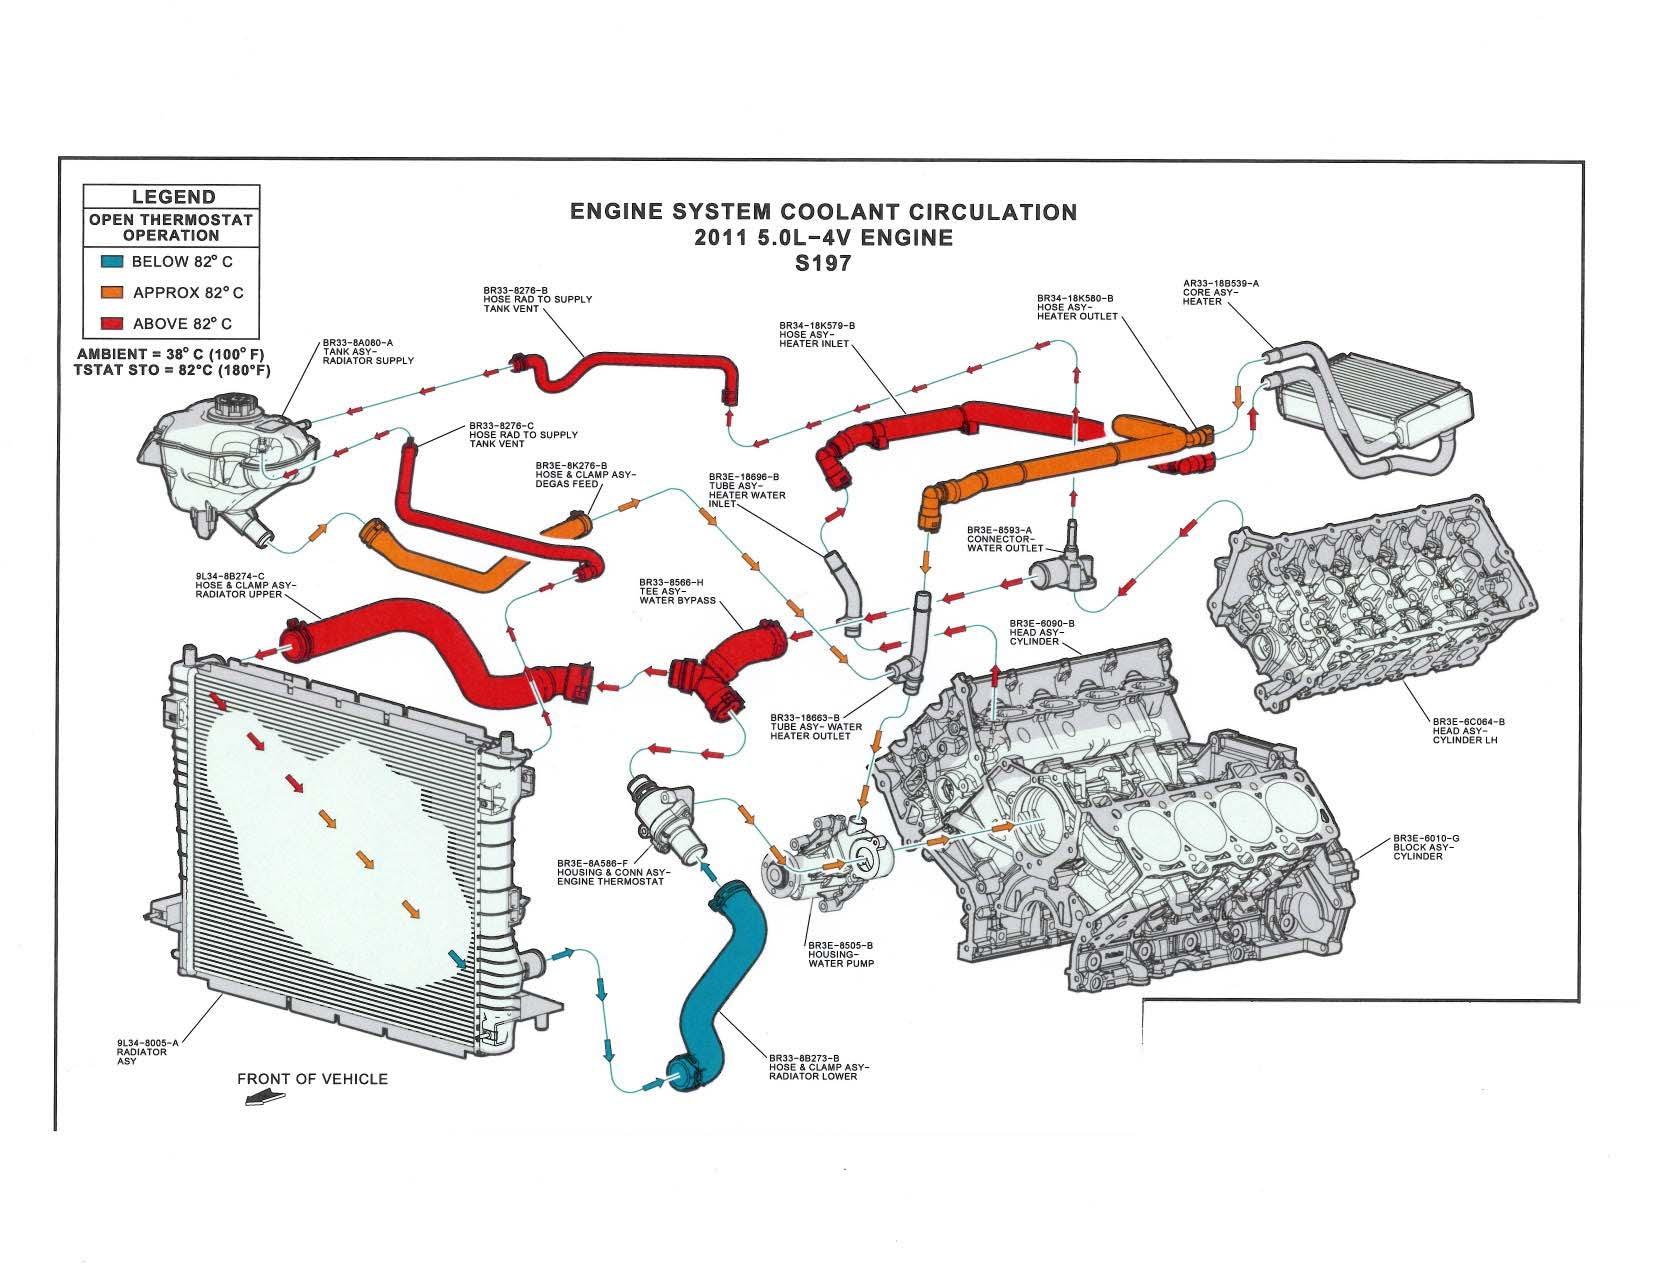 medium resolution of ford coyote diagram wiring diagram source coyote skeleton diagram ford coyote diagram